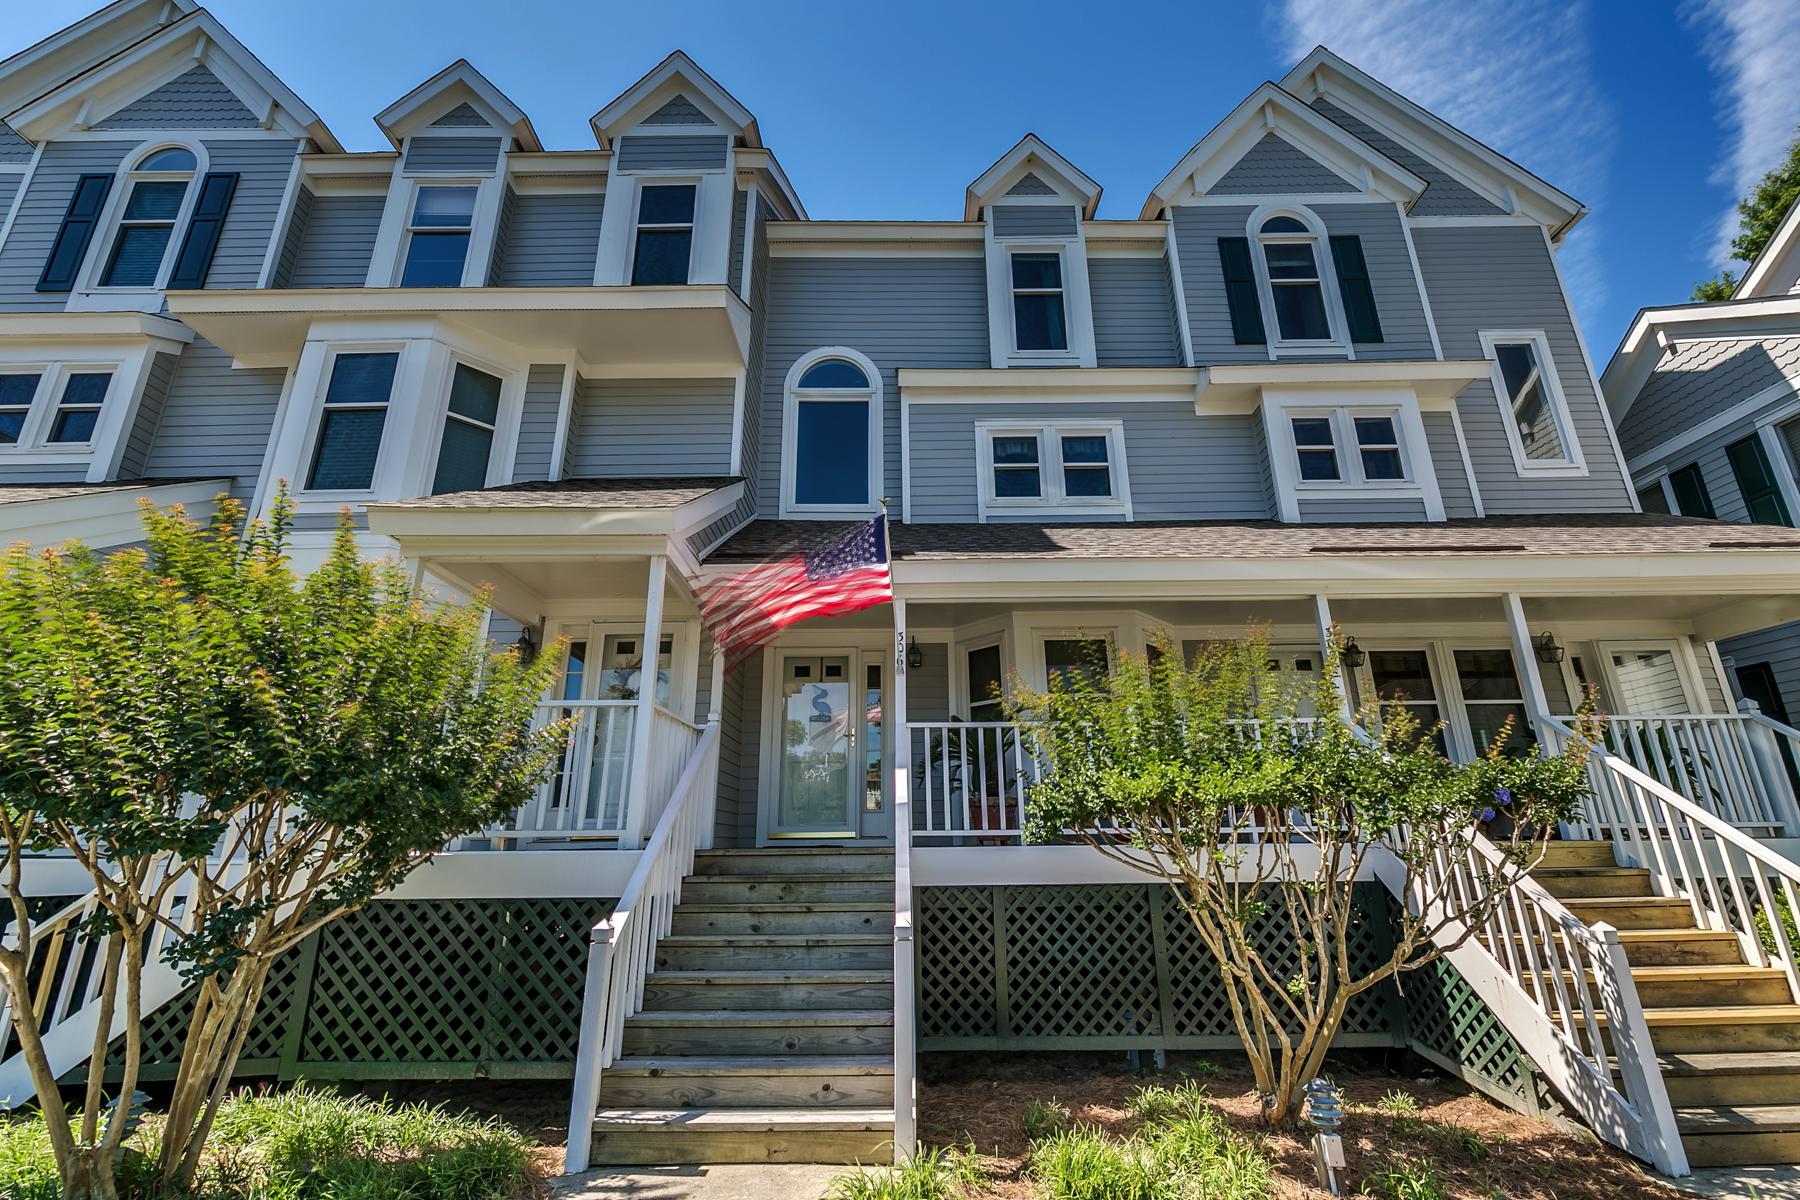 단독 가정 주택 용 매매 에 4999 Hwy 17 Business Murrells Inlet, 사우스캐놀라이나, 29576 미국